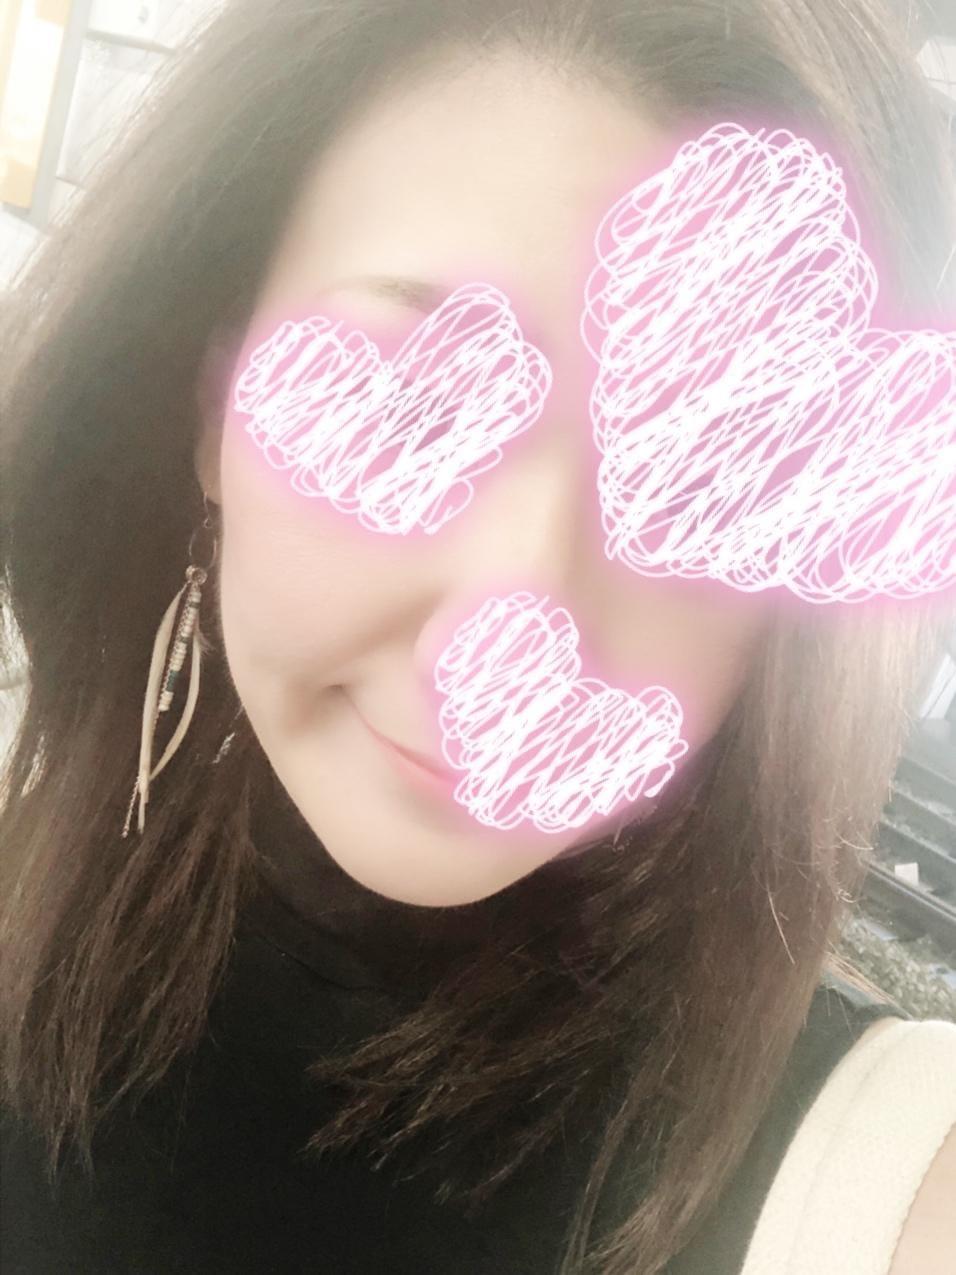 「昨夜のお礼です^ ^」07/10(07/10) 12:31 | けいの写メ・風俗動画